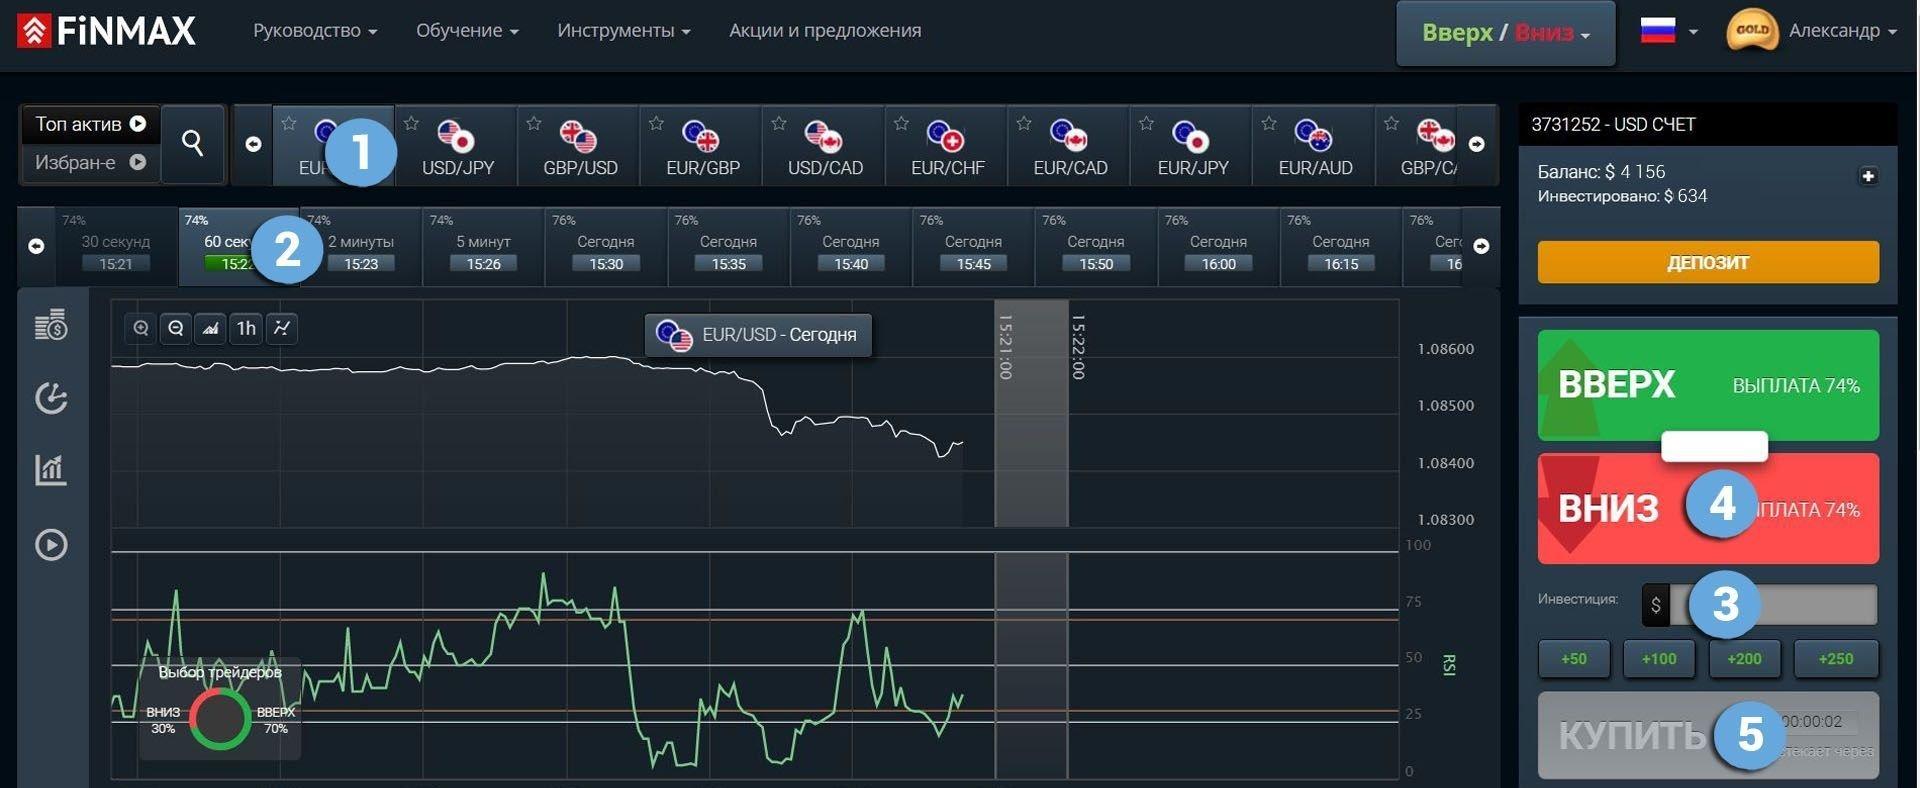 Нисходящая тенденция цены на платформе Метатрейдер 4